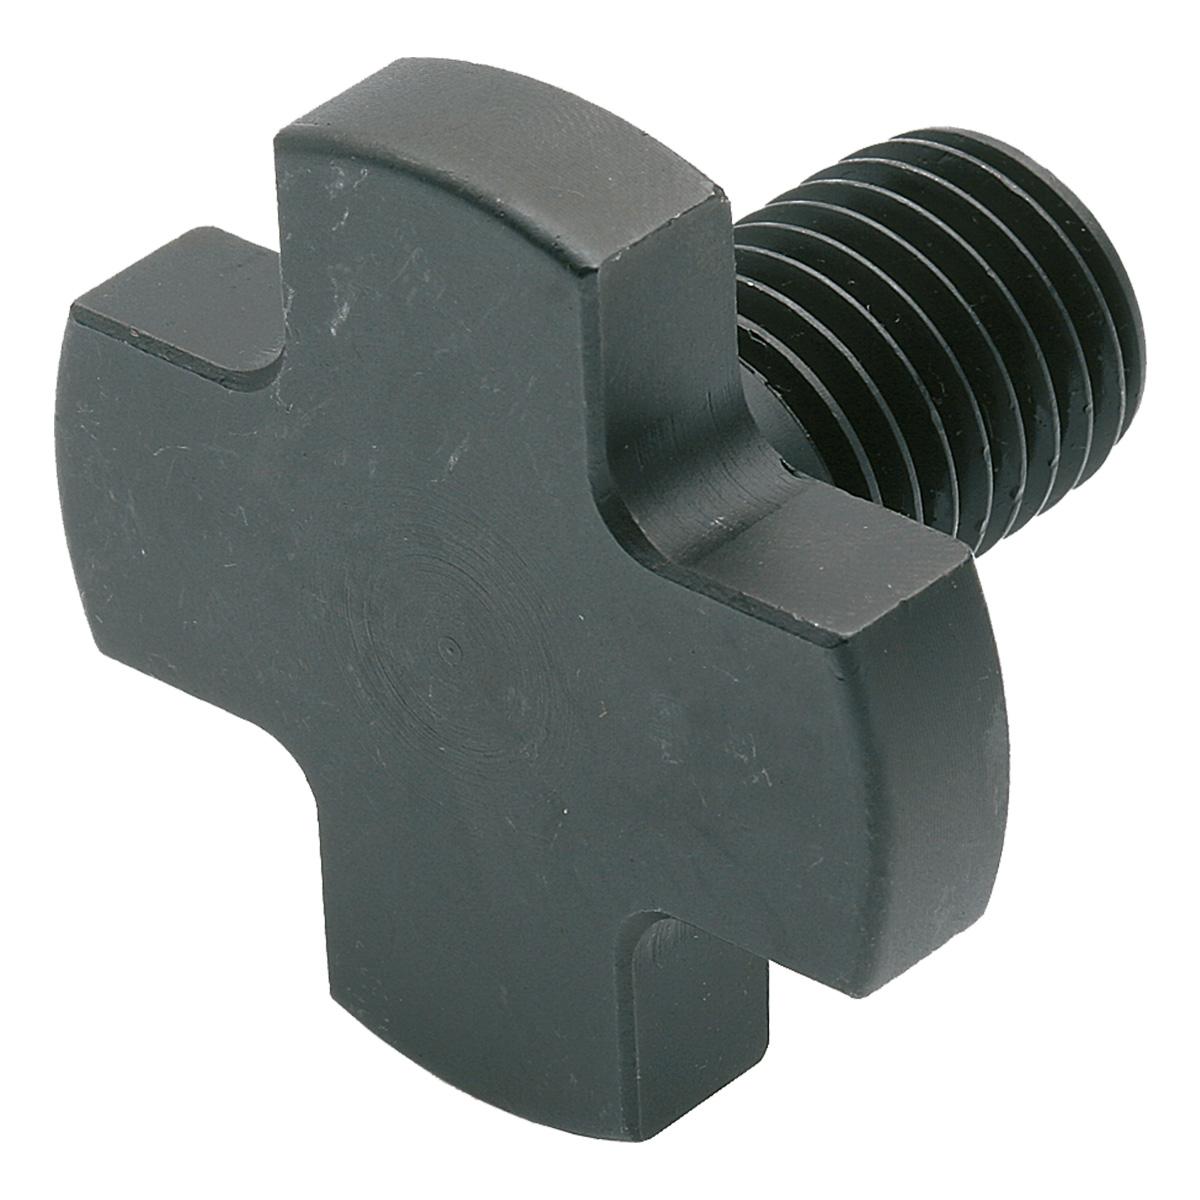 Spannschlüssel für Fräseranzugsschraube DIN 6367